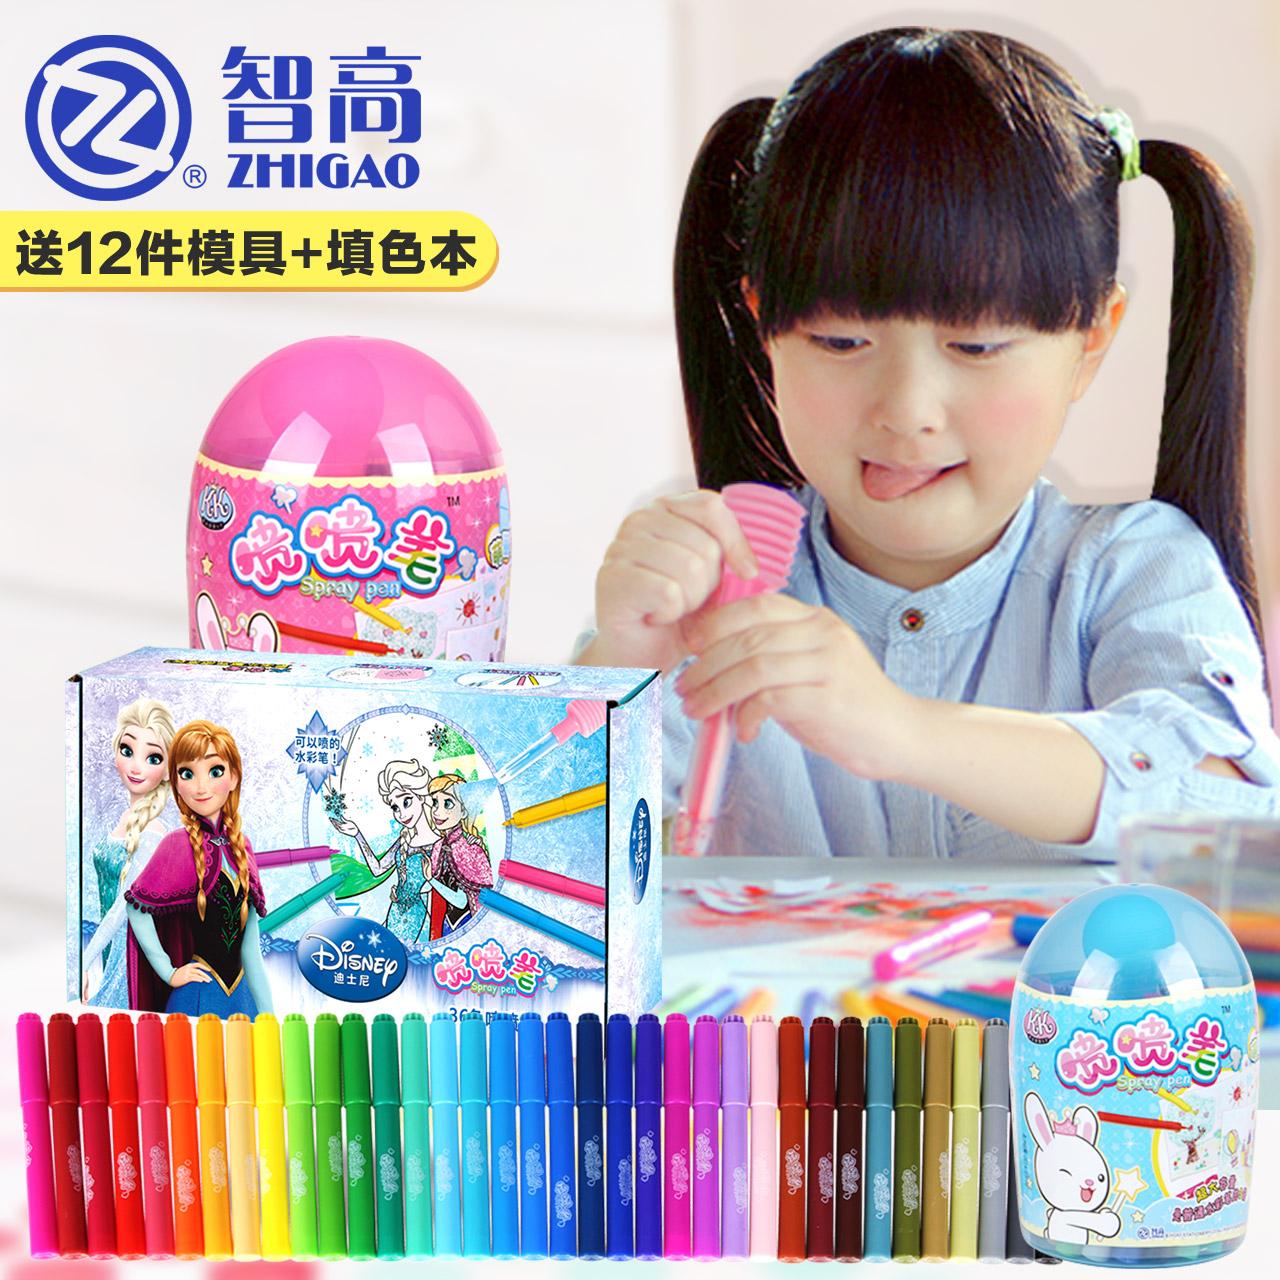 智高kk喷喷笔36色儿童涂鸦绘画画笔玩具幼儿园可洗水彩笔玩具套装 送12件模具+填色本图片